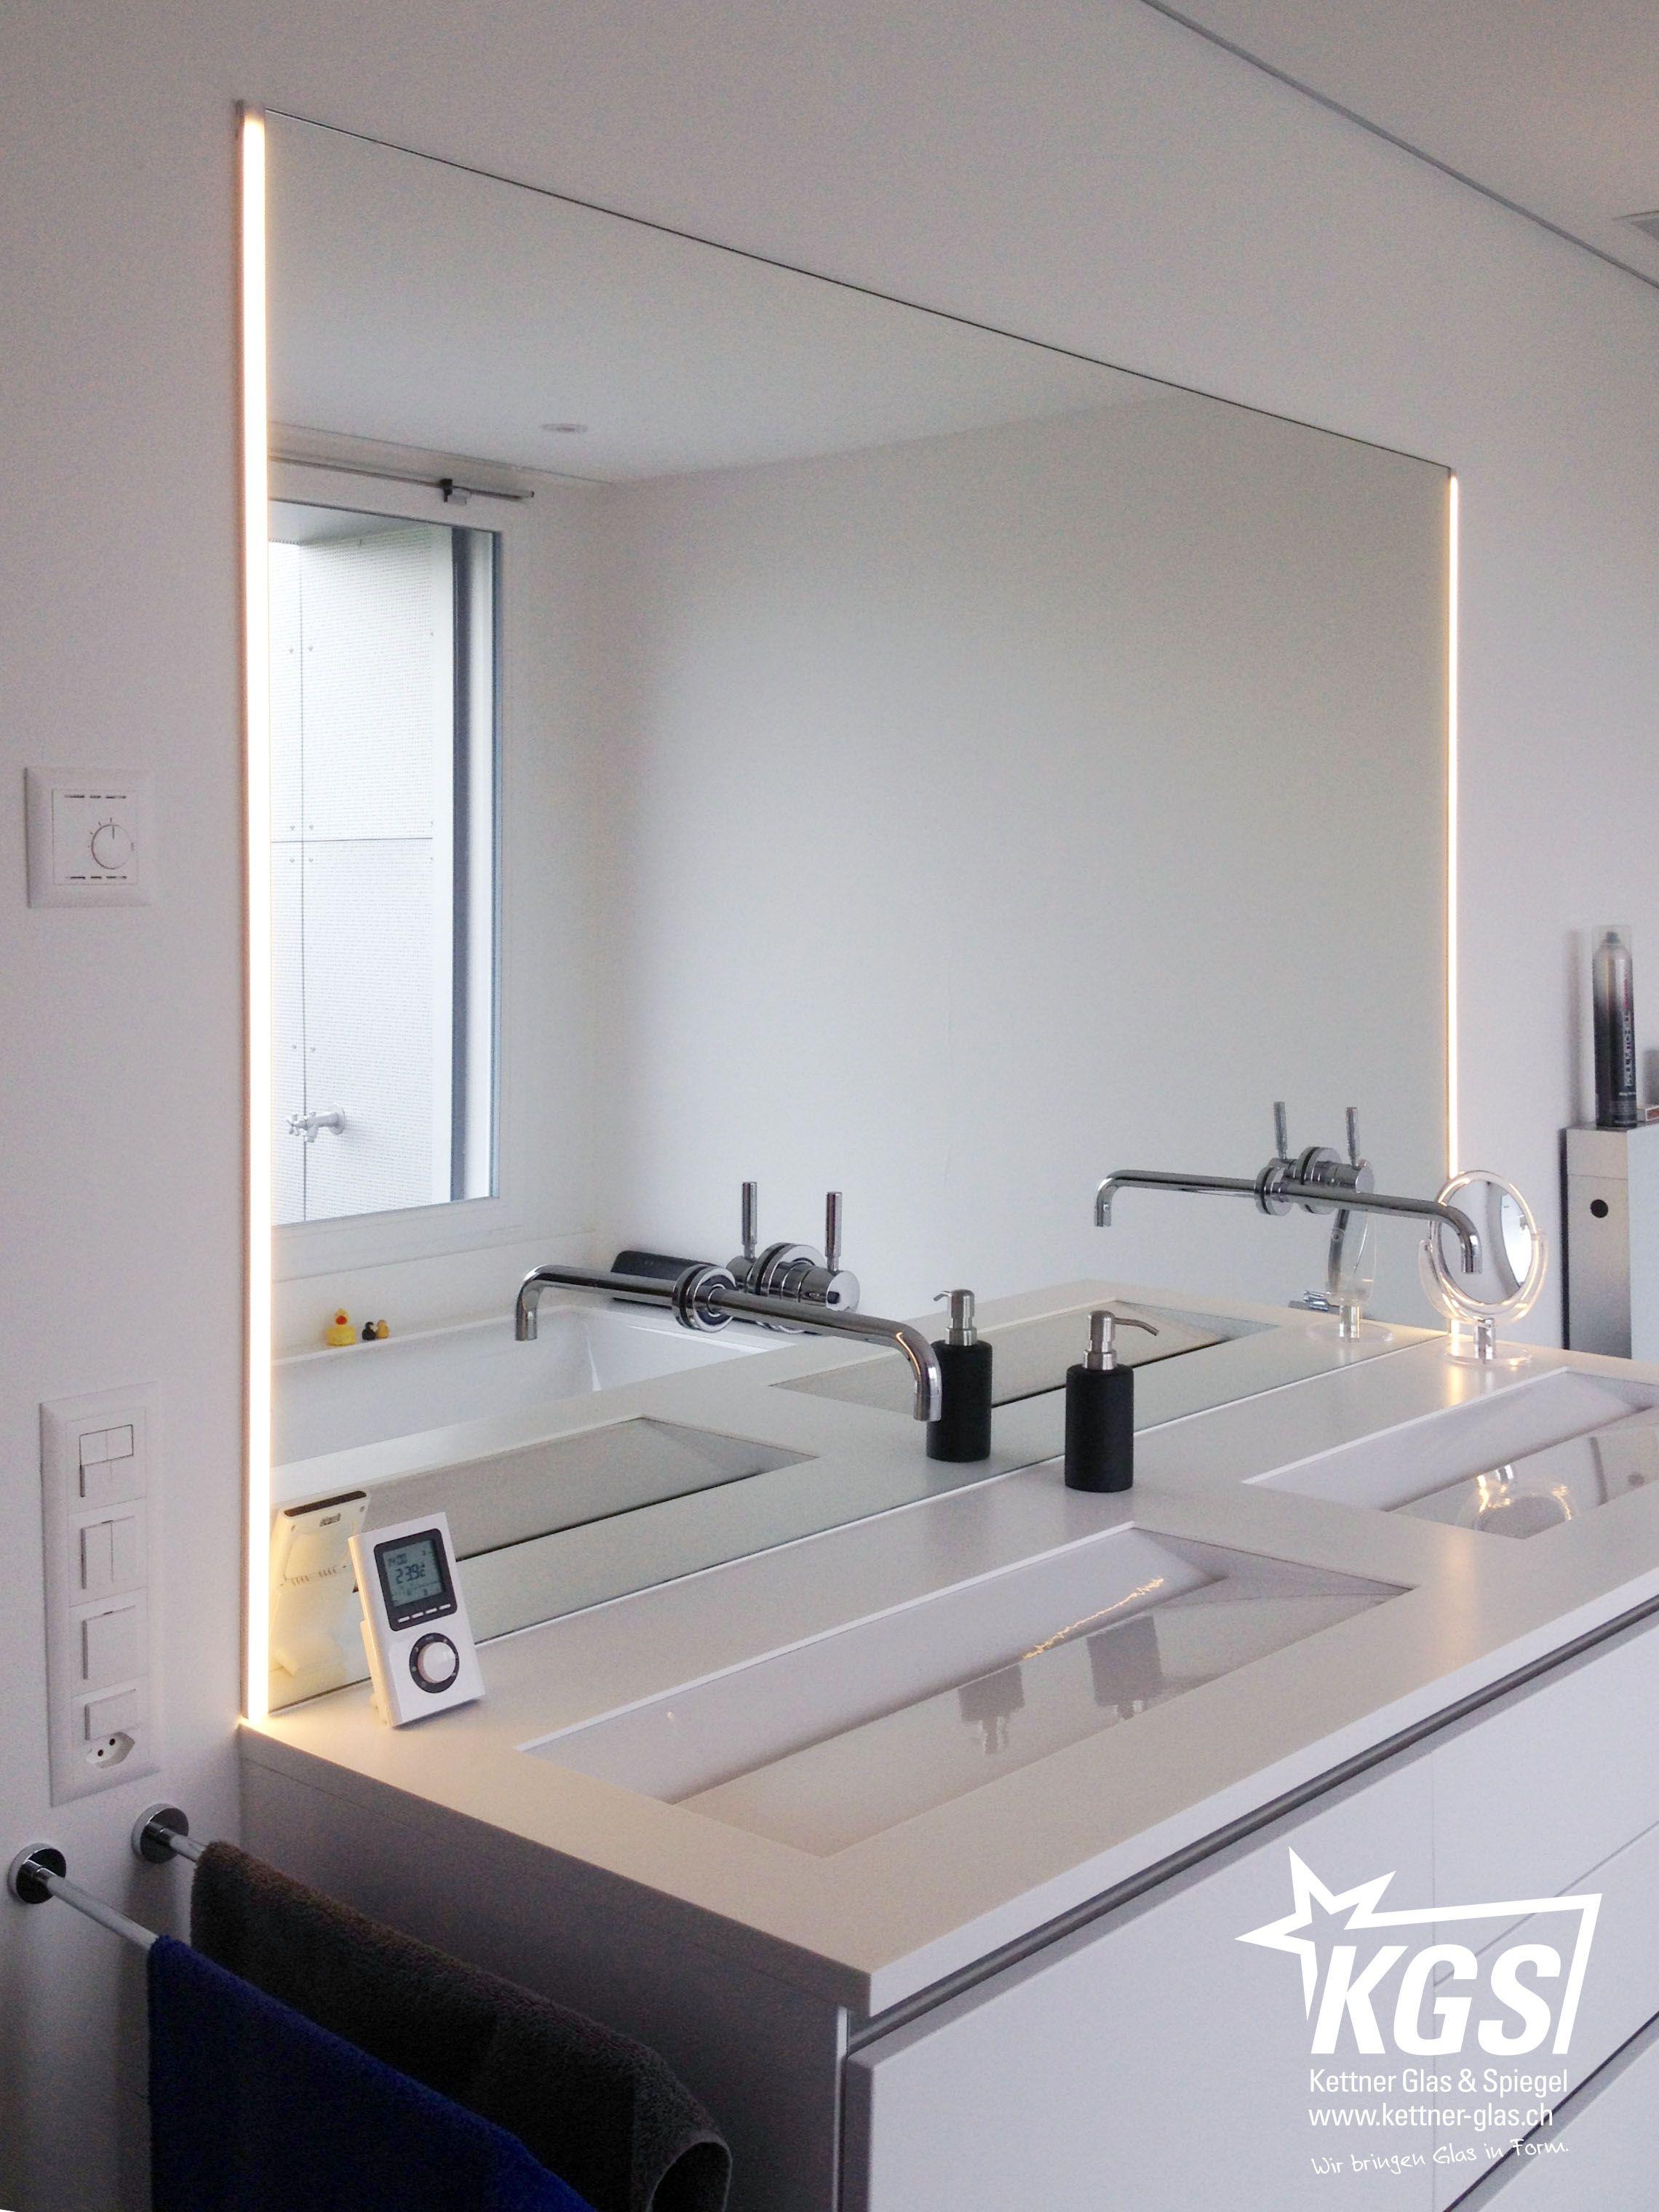 Prazise Massaufnahme War Bei Diesem Badezimmerspiegel Entscheident